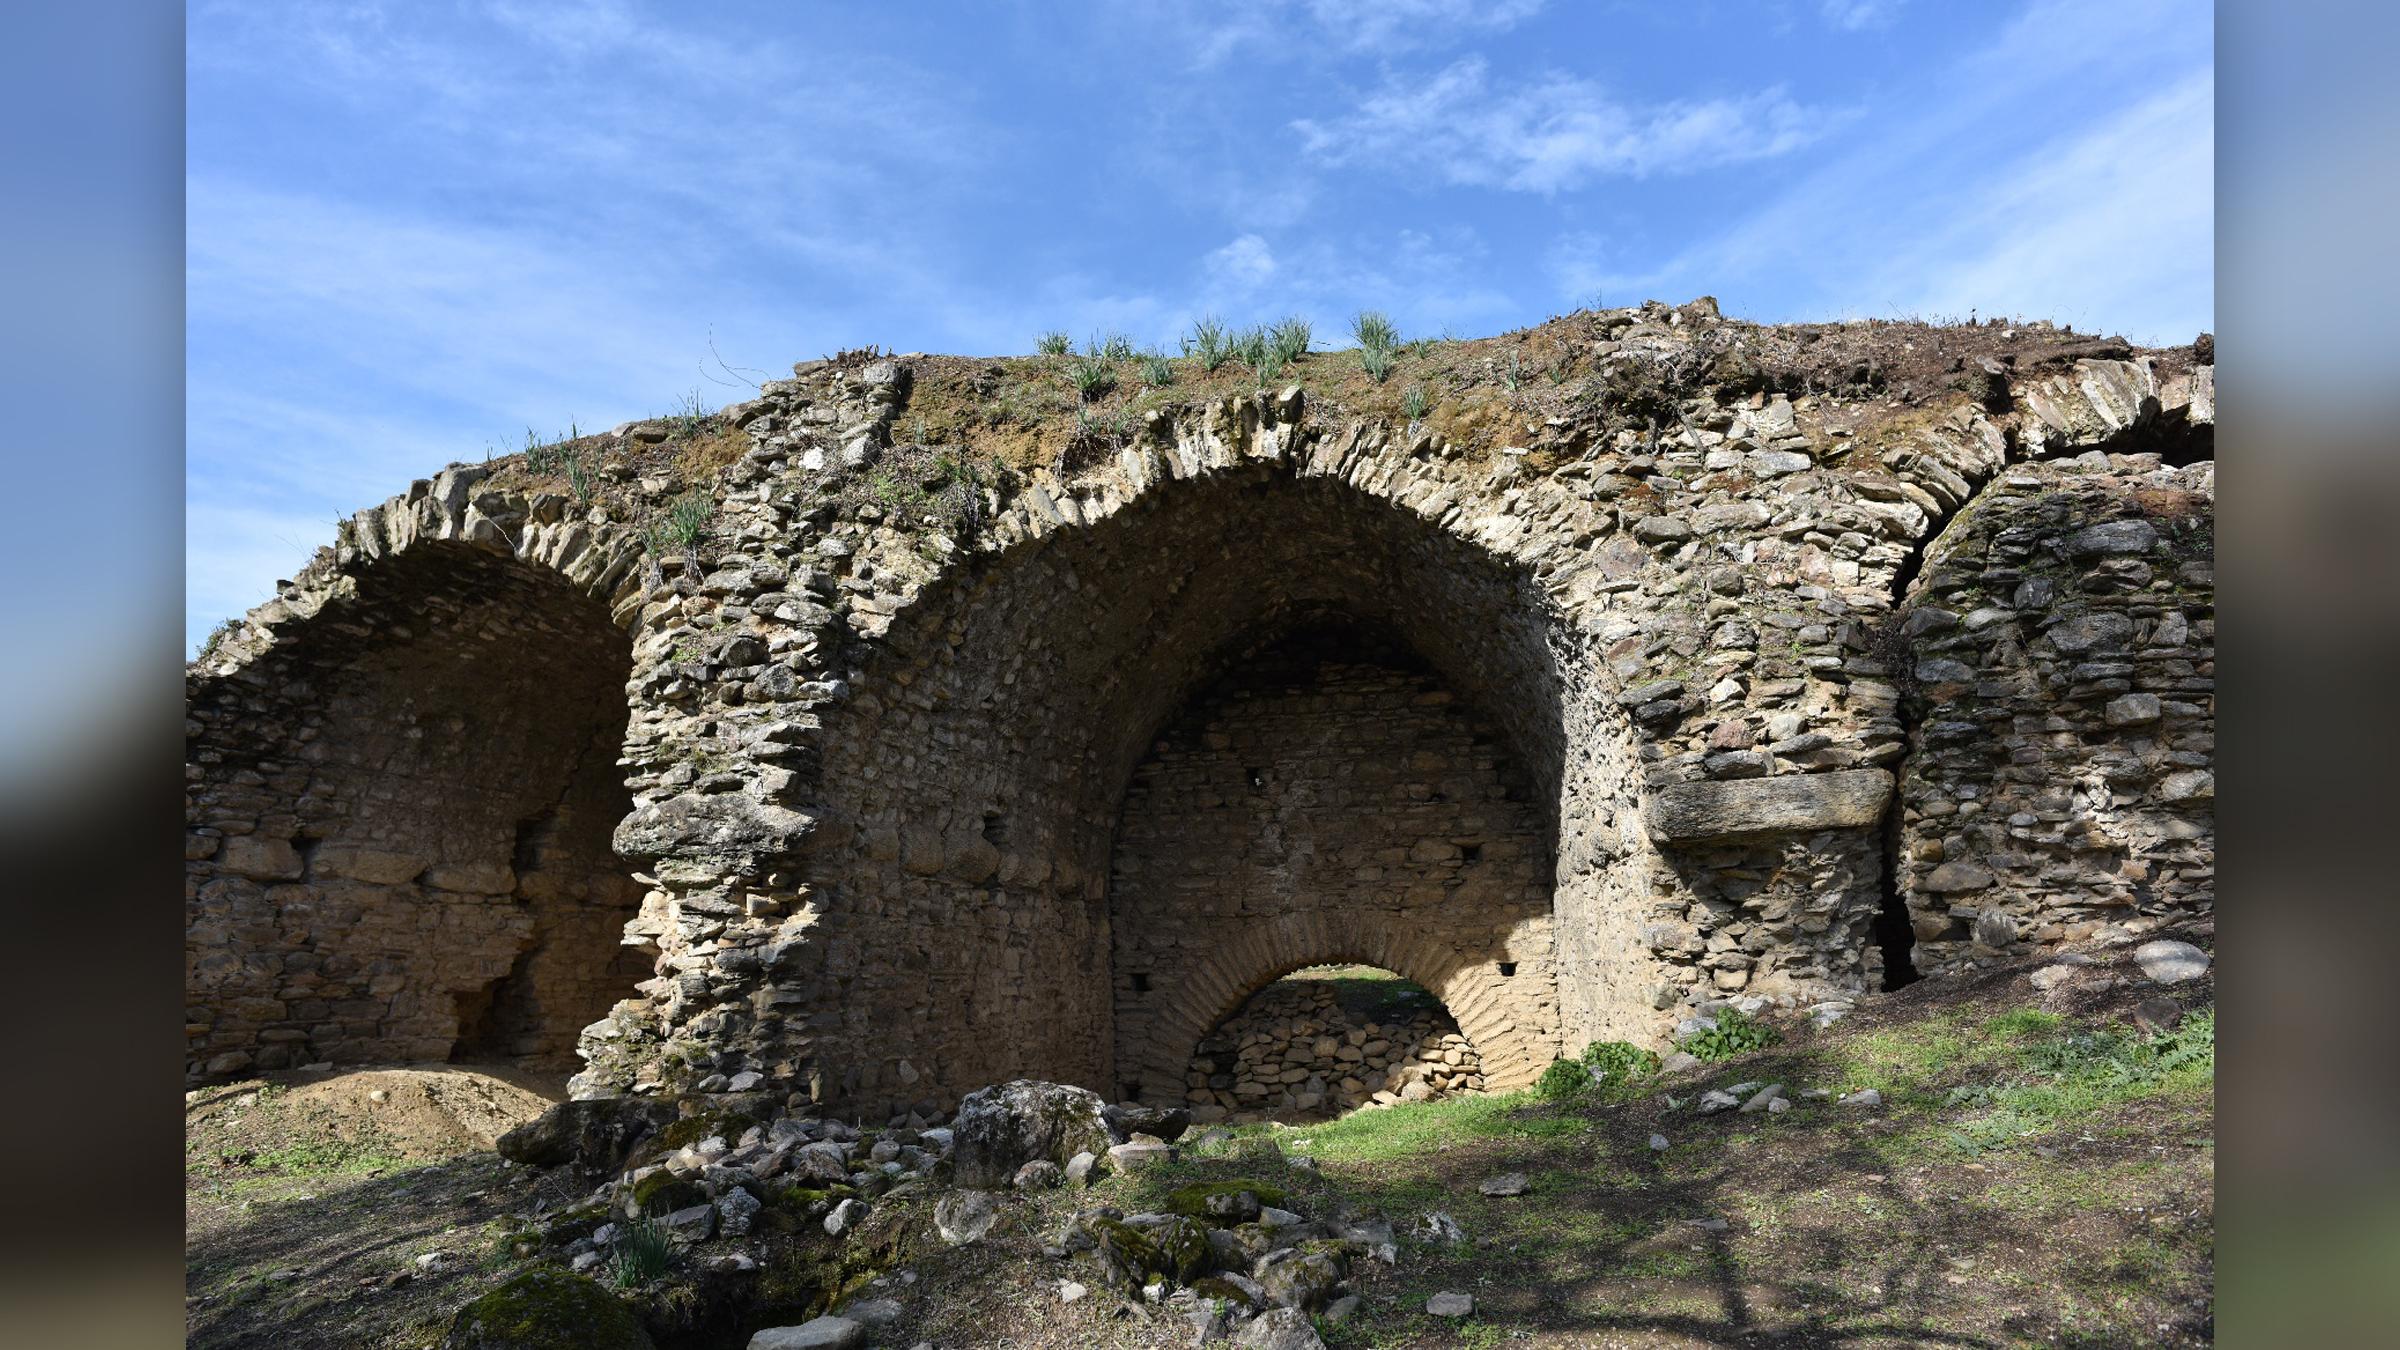 L'arène, après que les archéologues aient nettoyé la zone.